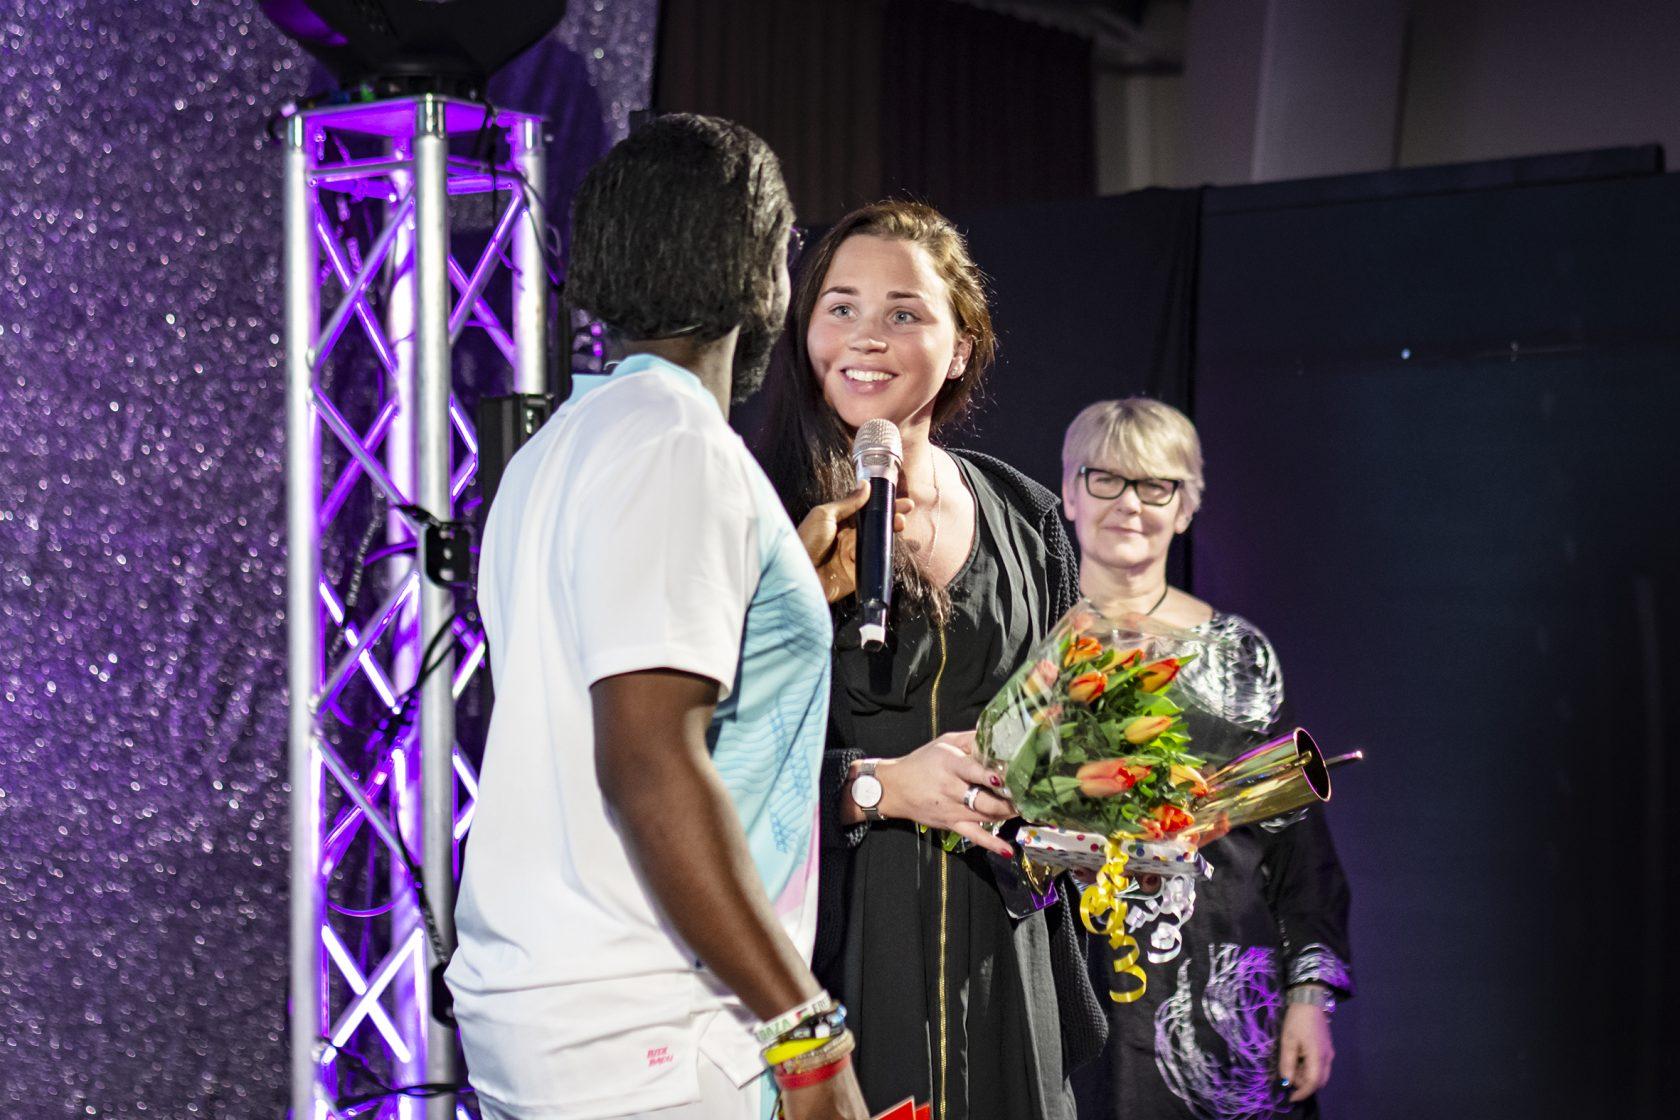 Årets tränare/aktivitetsledare Sara Li Vestberg, ridsport